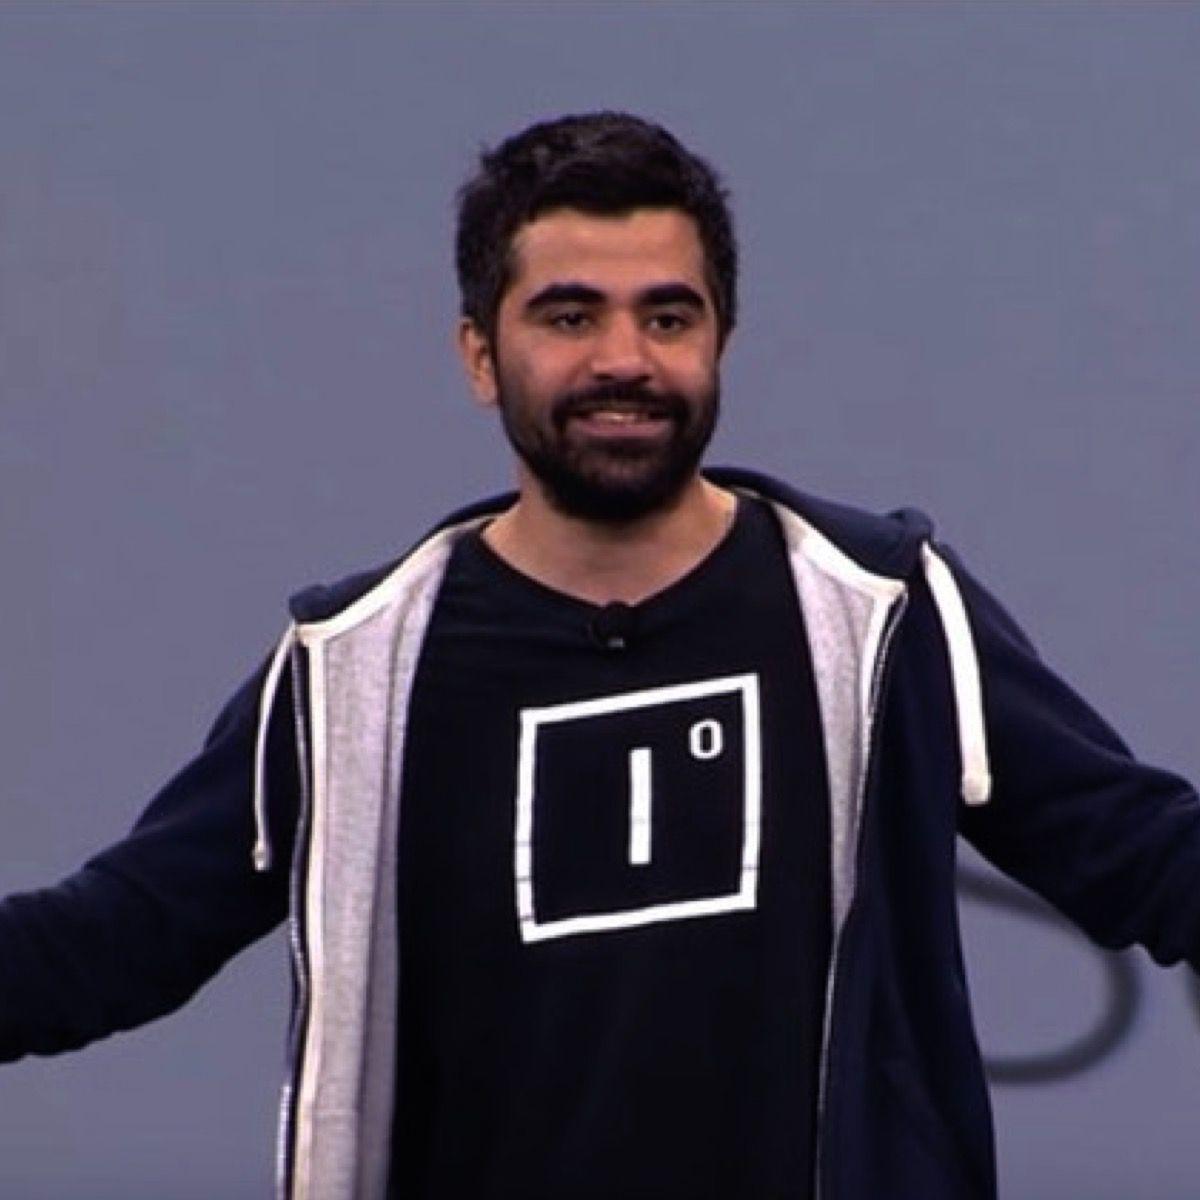 ソフトバンク、VRスタートアップImprobableに5億ドル出資